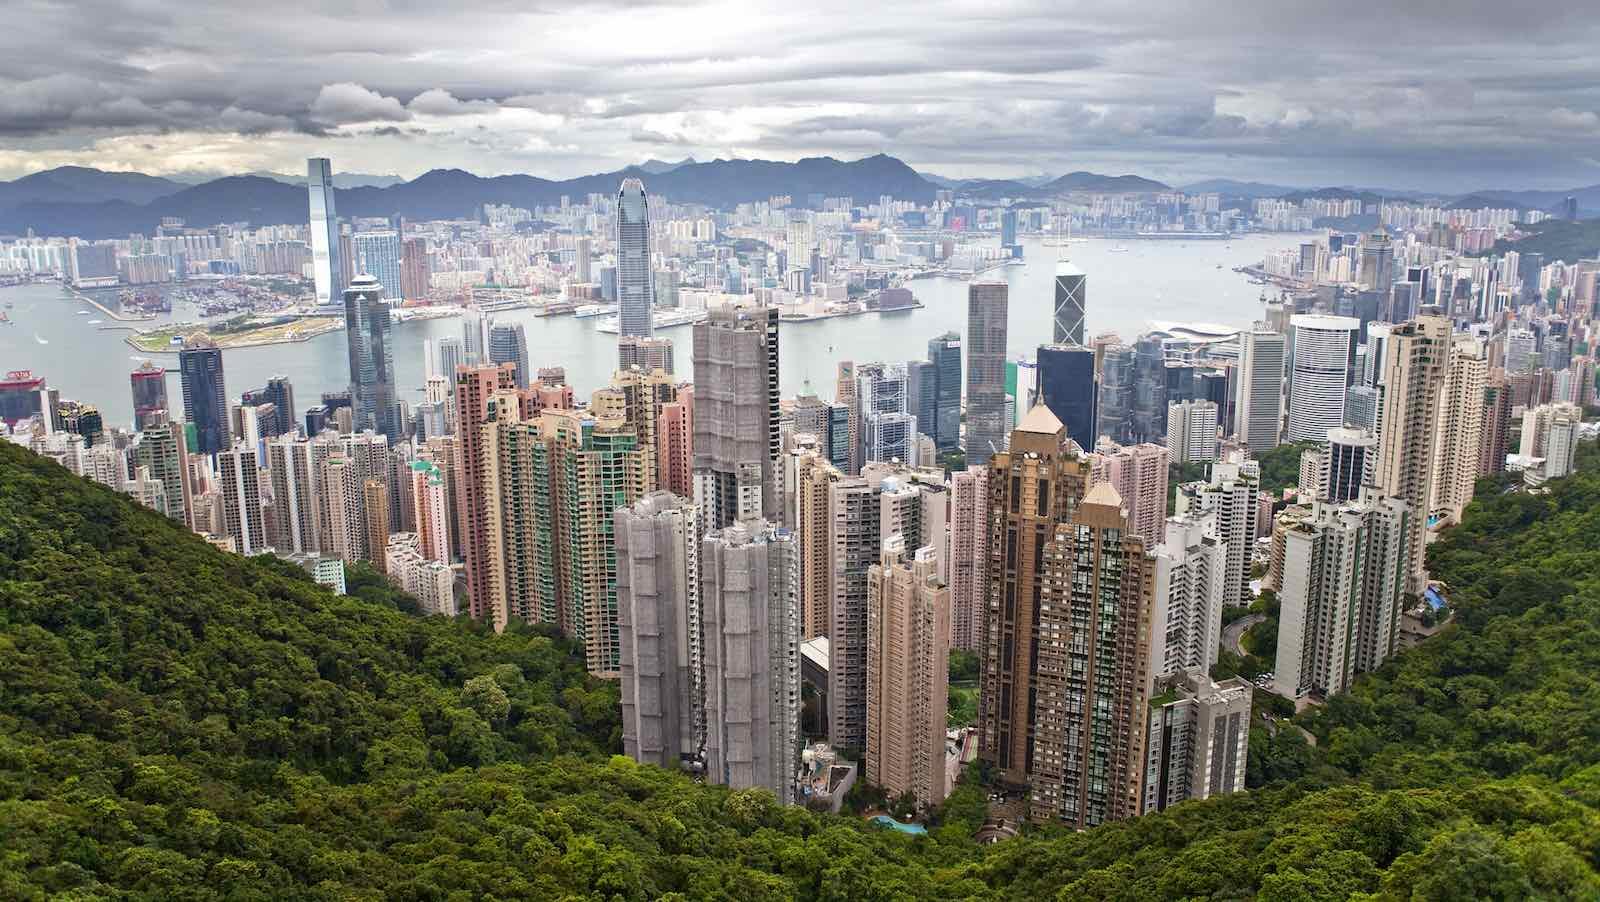 Hong Kong panorama (Photo: ¡kuba!/Flickr)